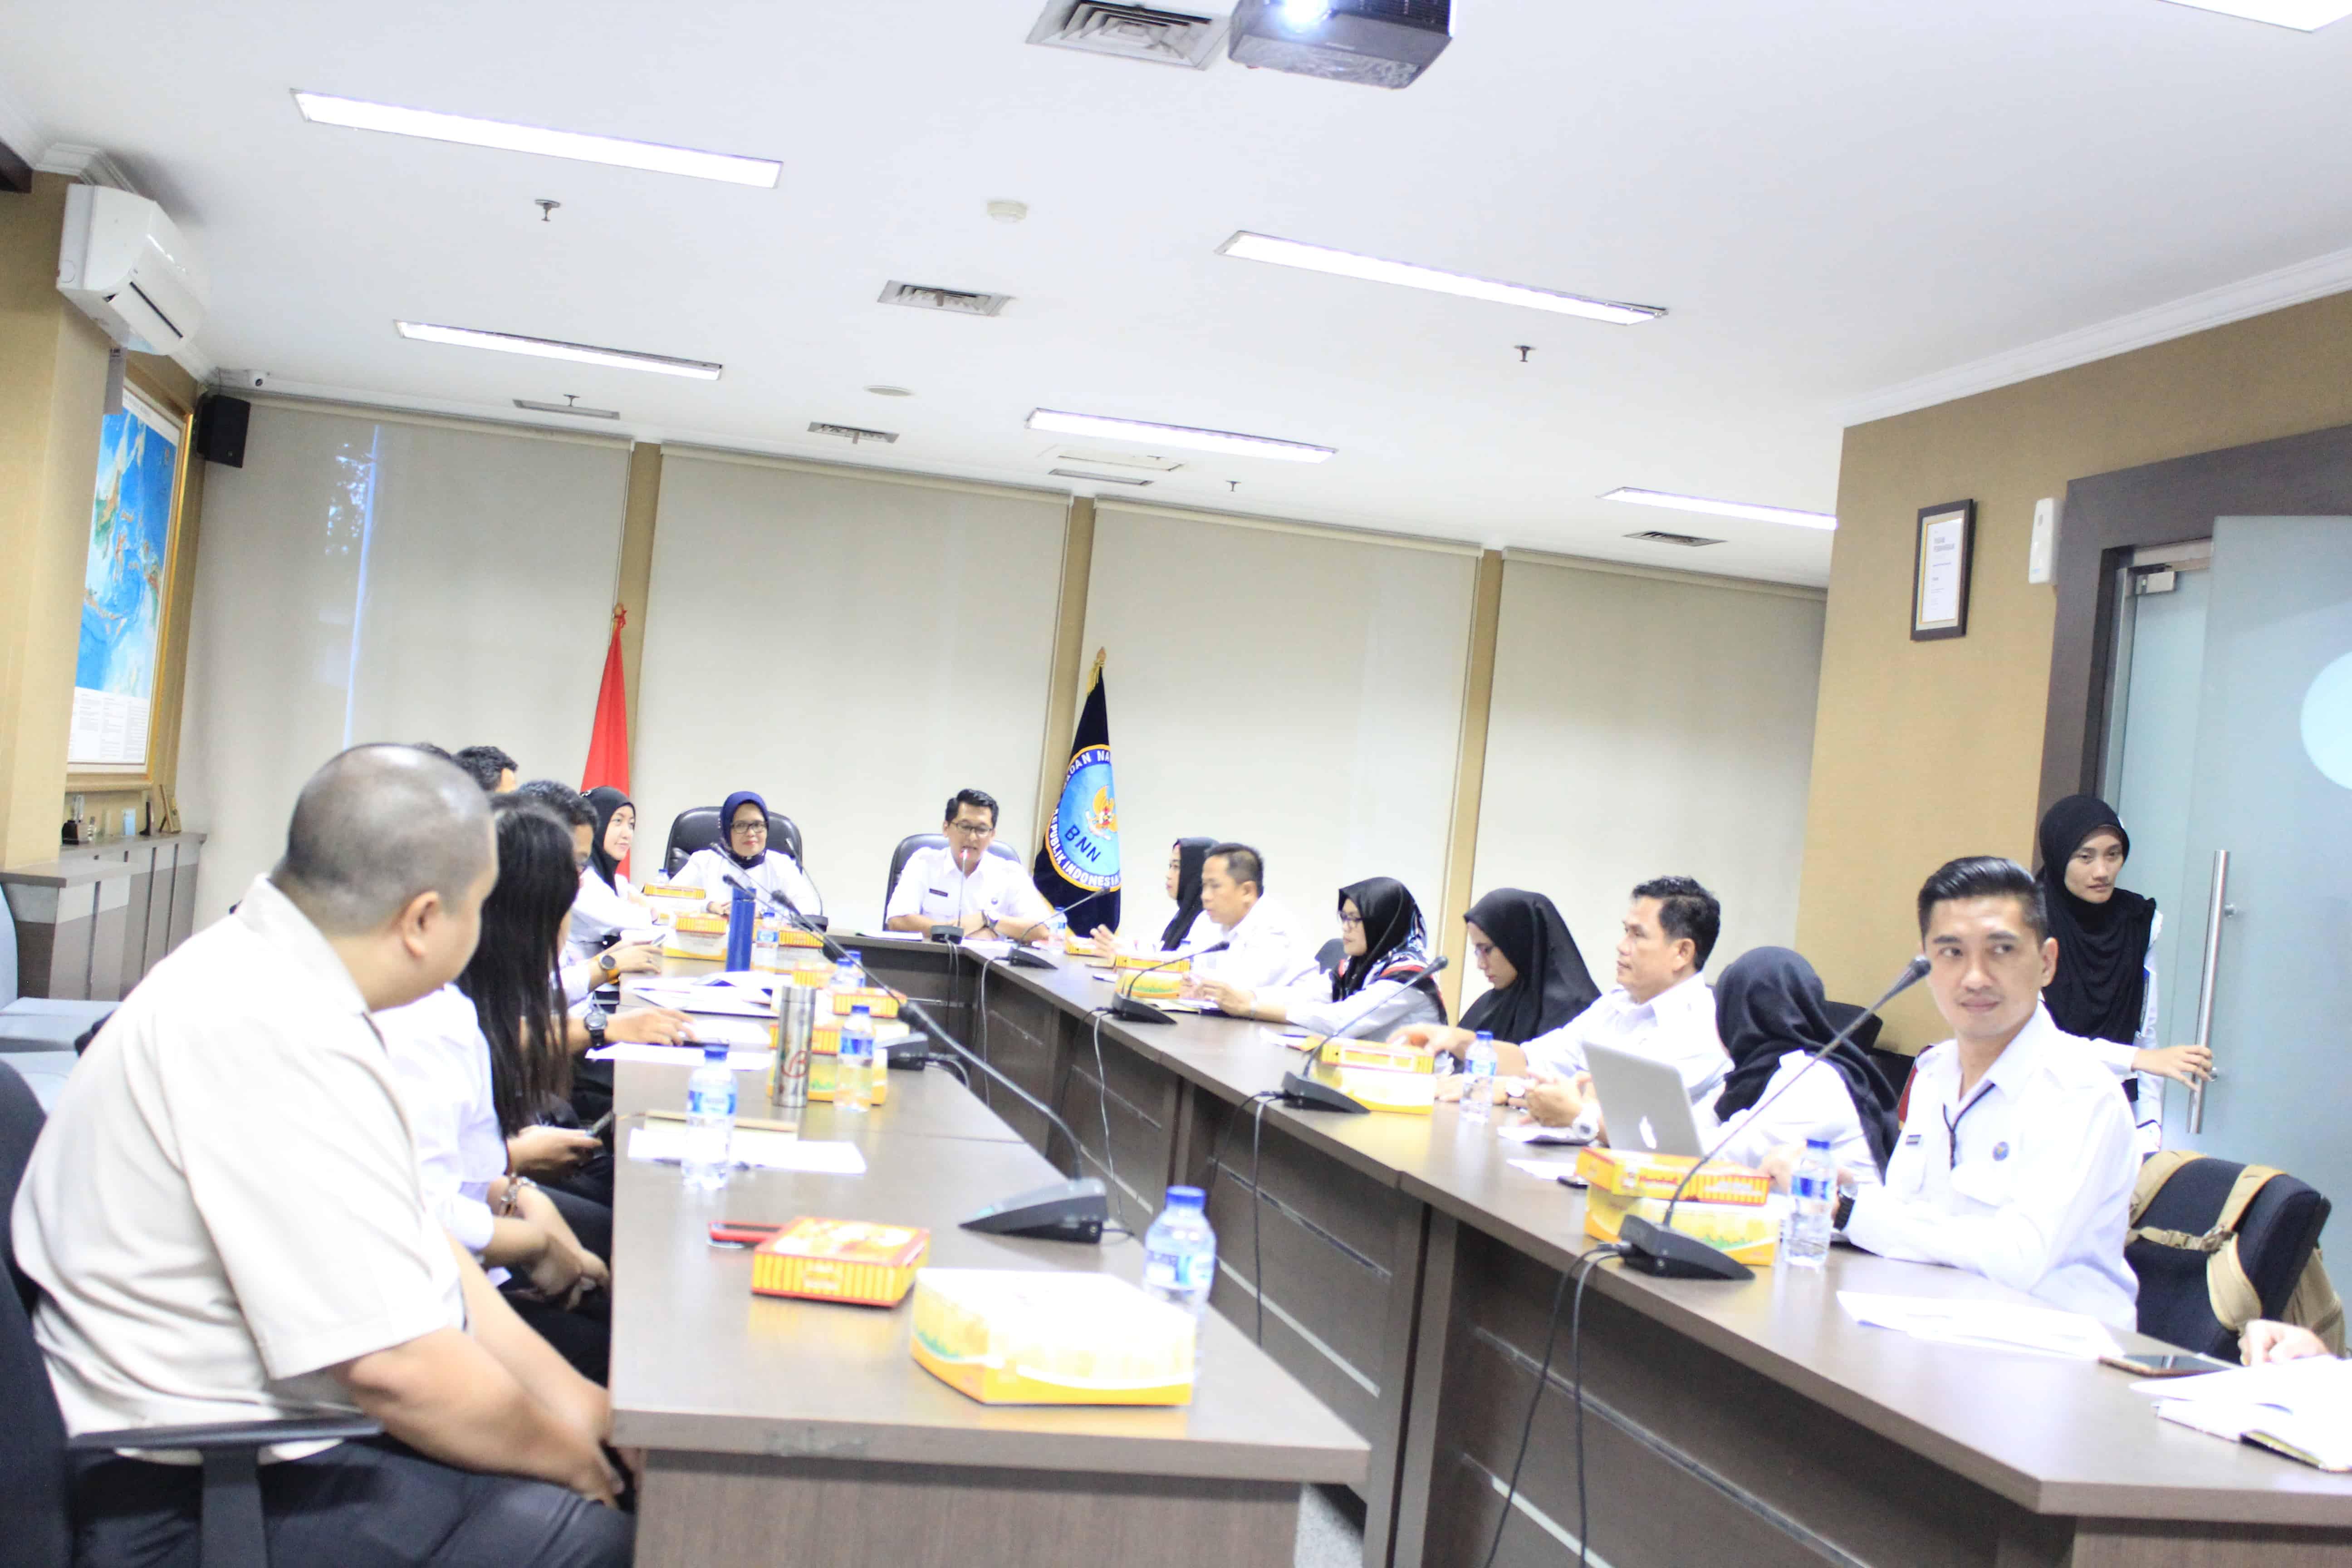 Penyusunan Laporan Asean Drug Monitoring Network (ADMN) Tahun 2018